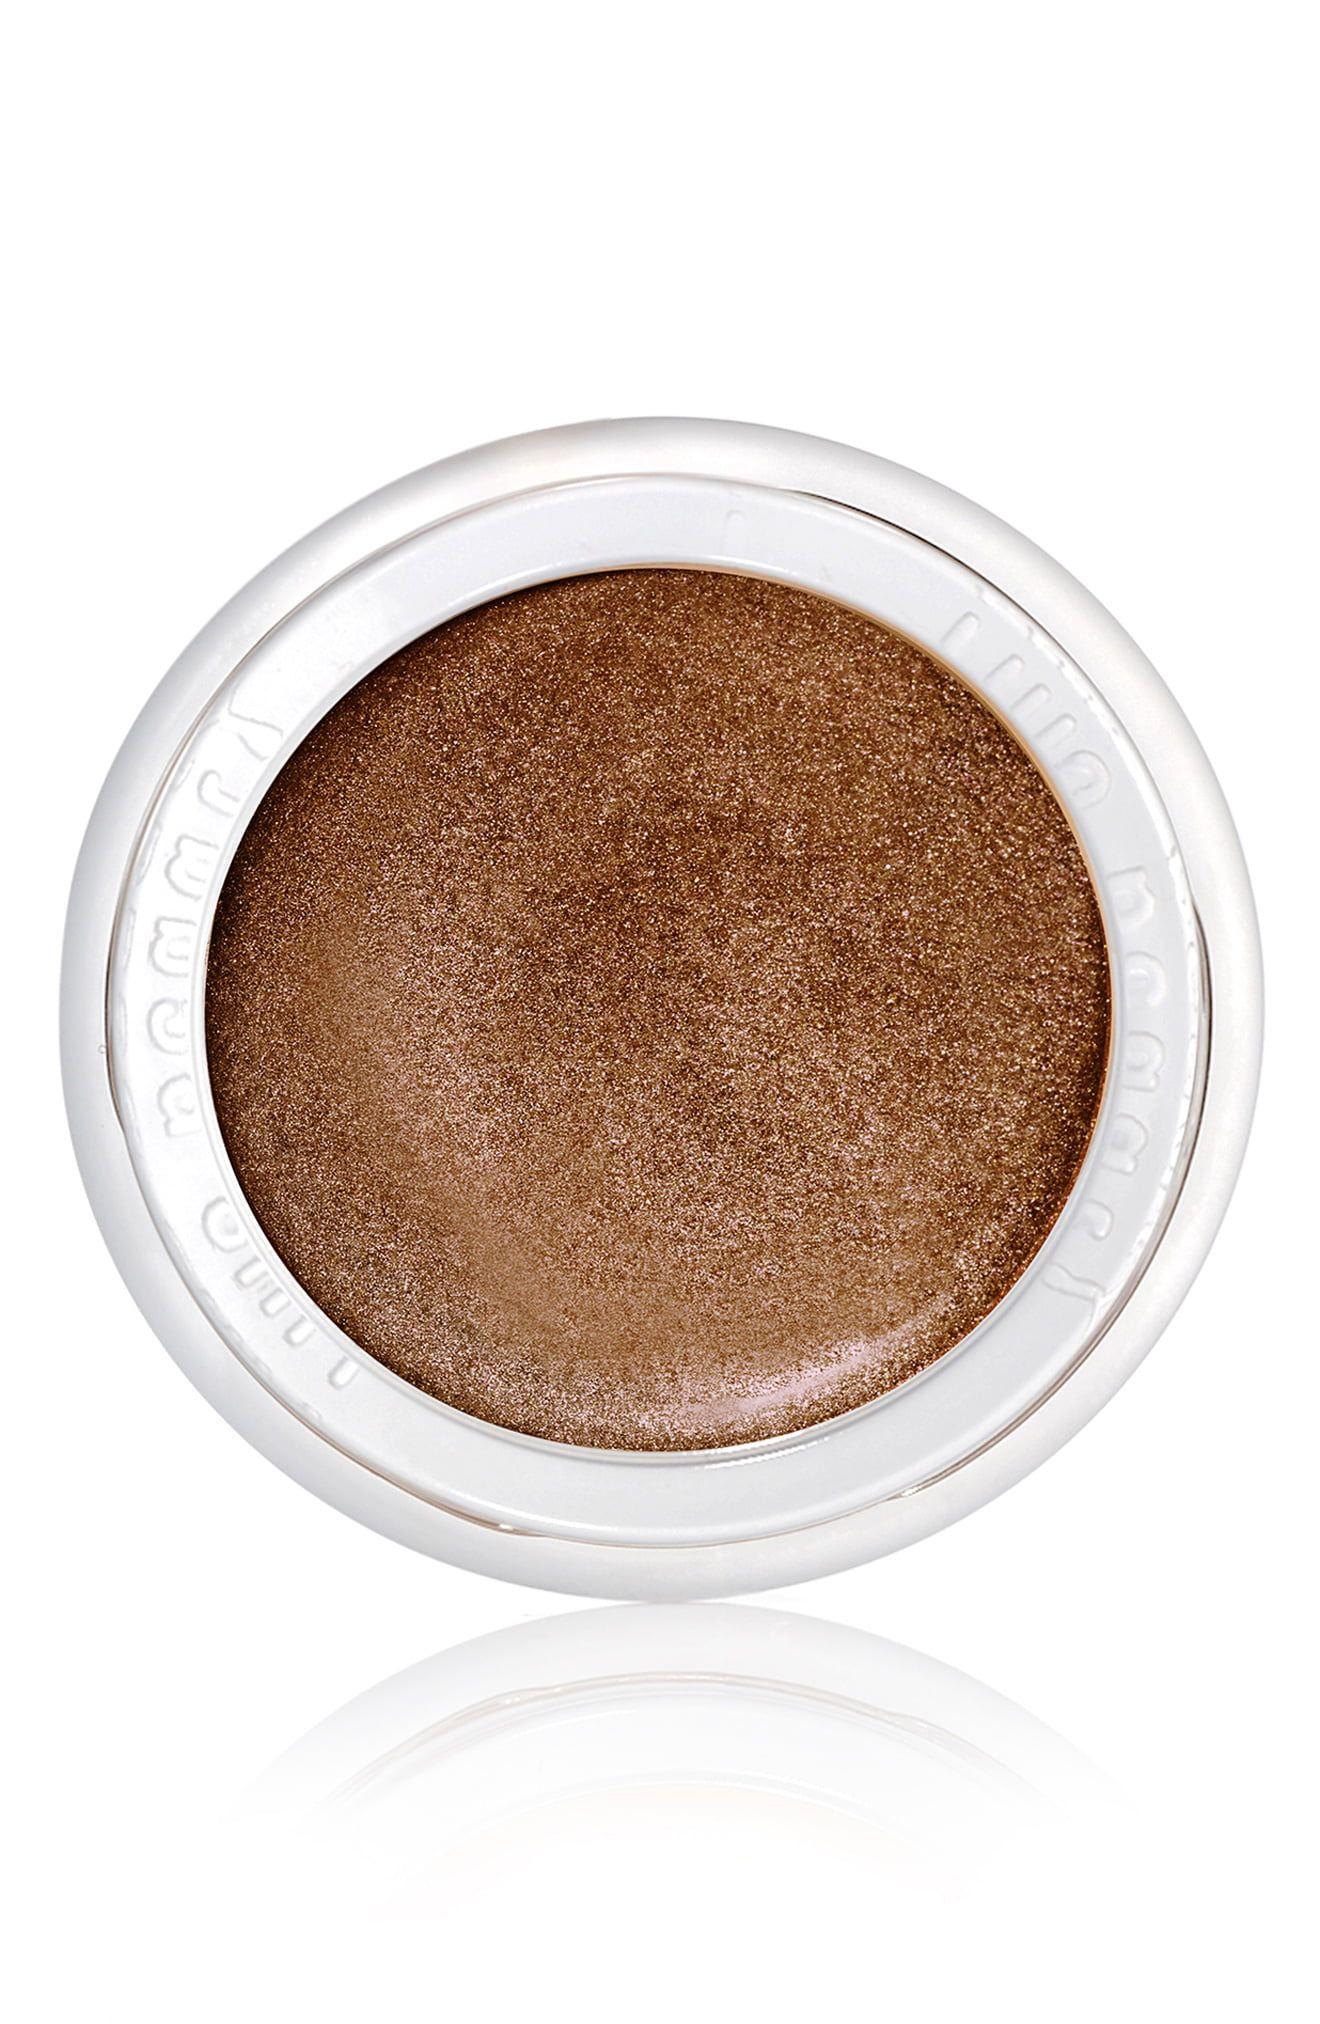 88f917b3f55 Rms Beauty Eye Polish Cream Eyeshadow - Solar in 2019 | Products ...